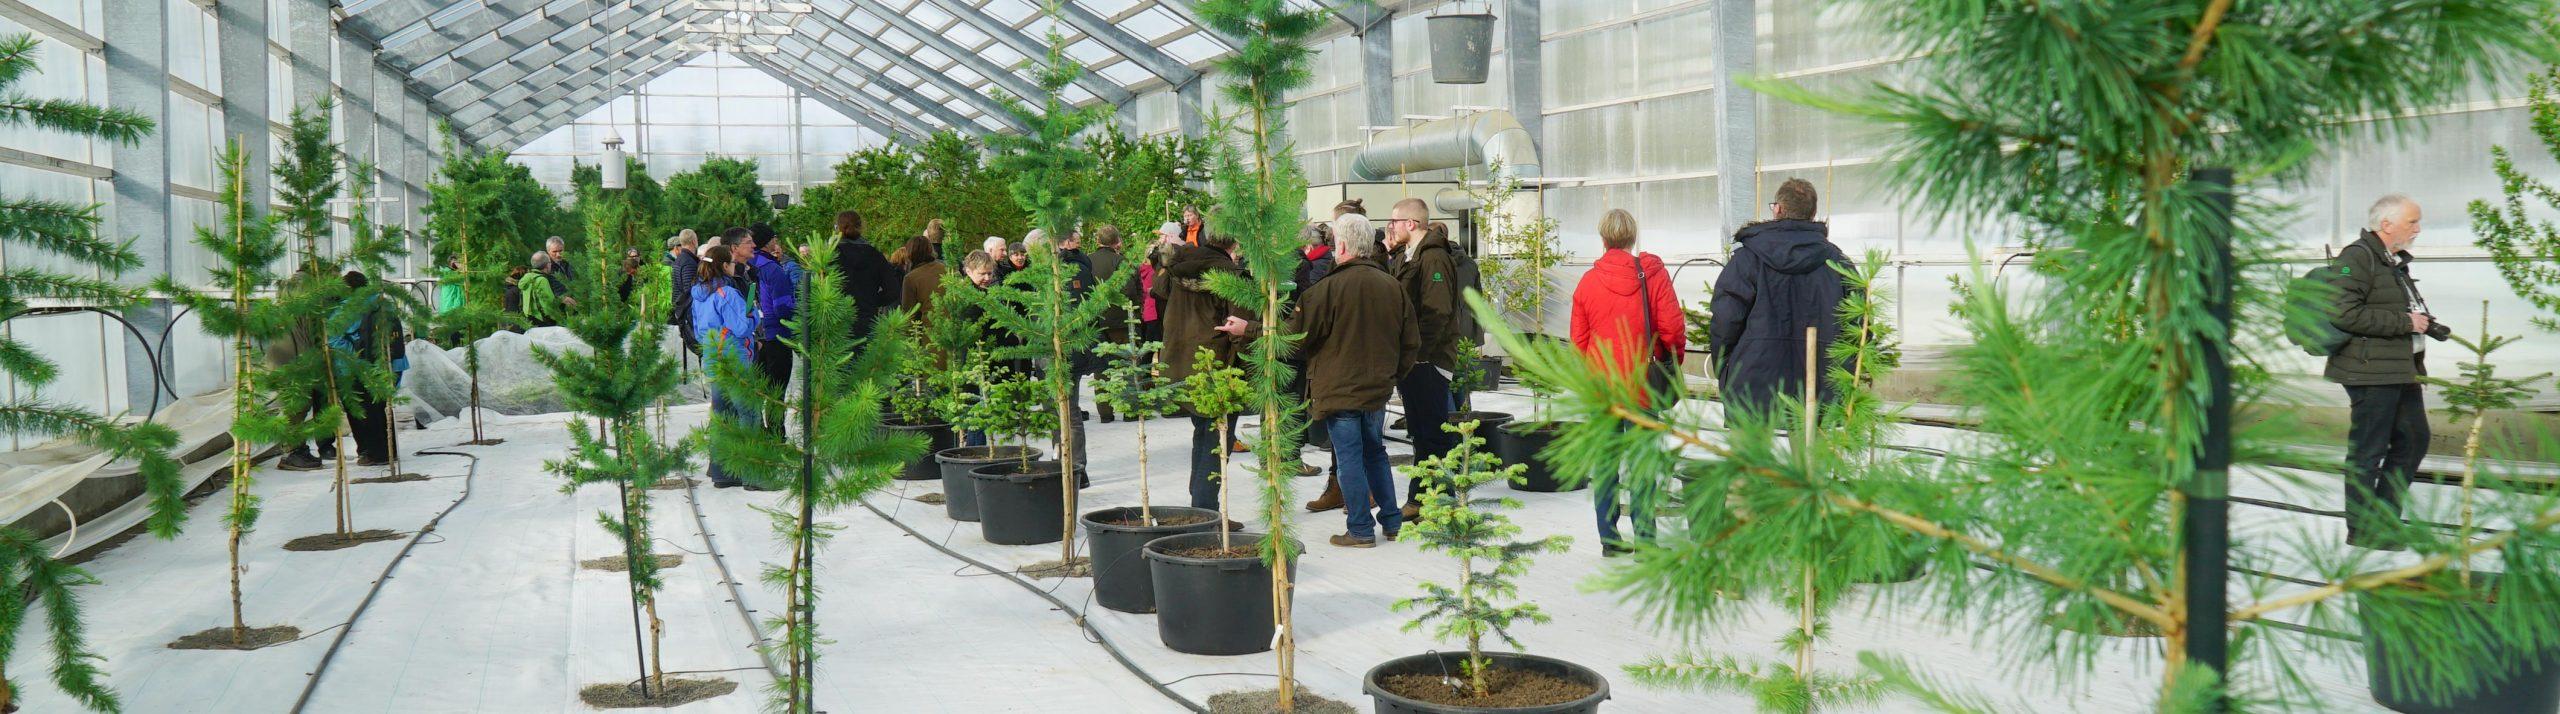 Trädplantor står i krukor i ett växthus. Människor går omkring och tittar.